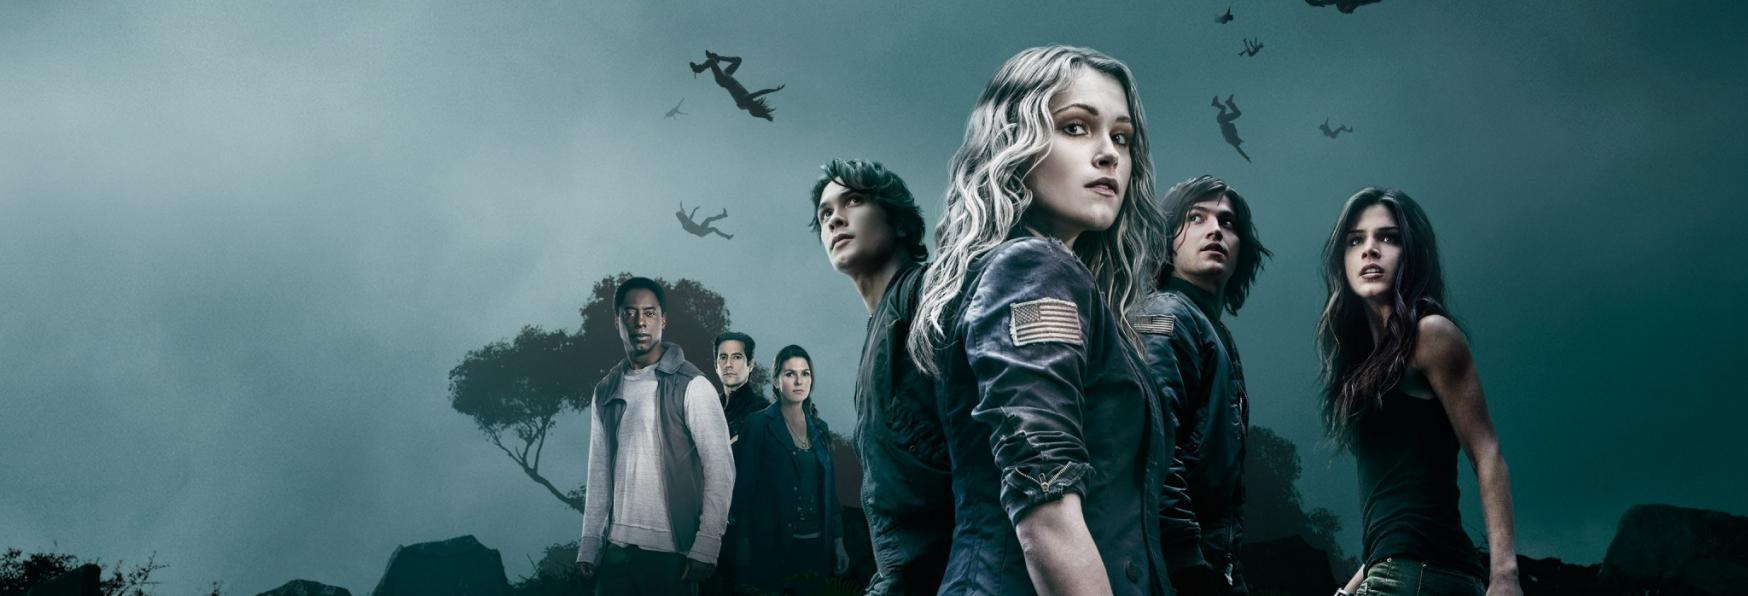 The 100: la Serie TV di The CW si concluderà con la 7° Stagione